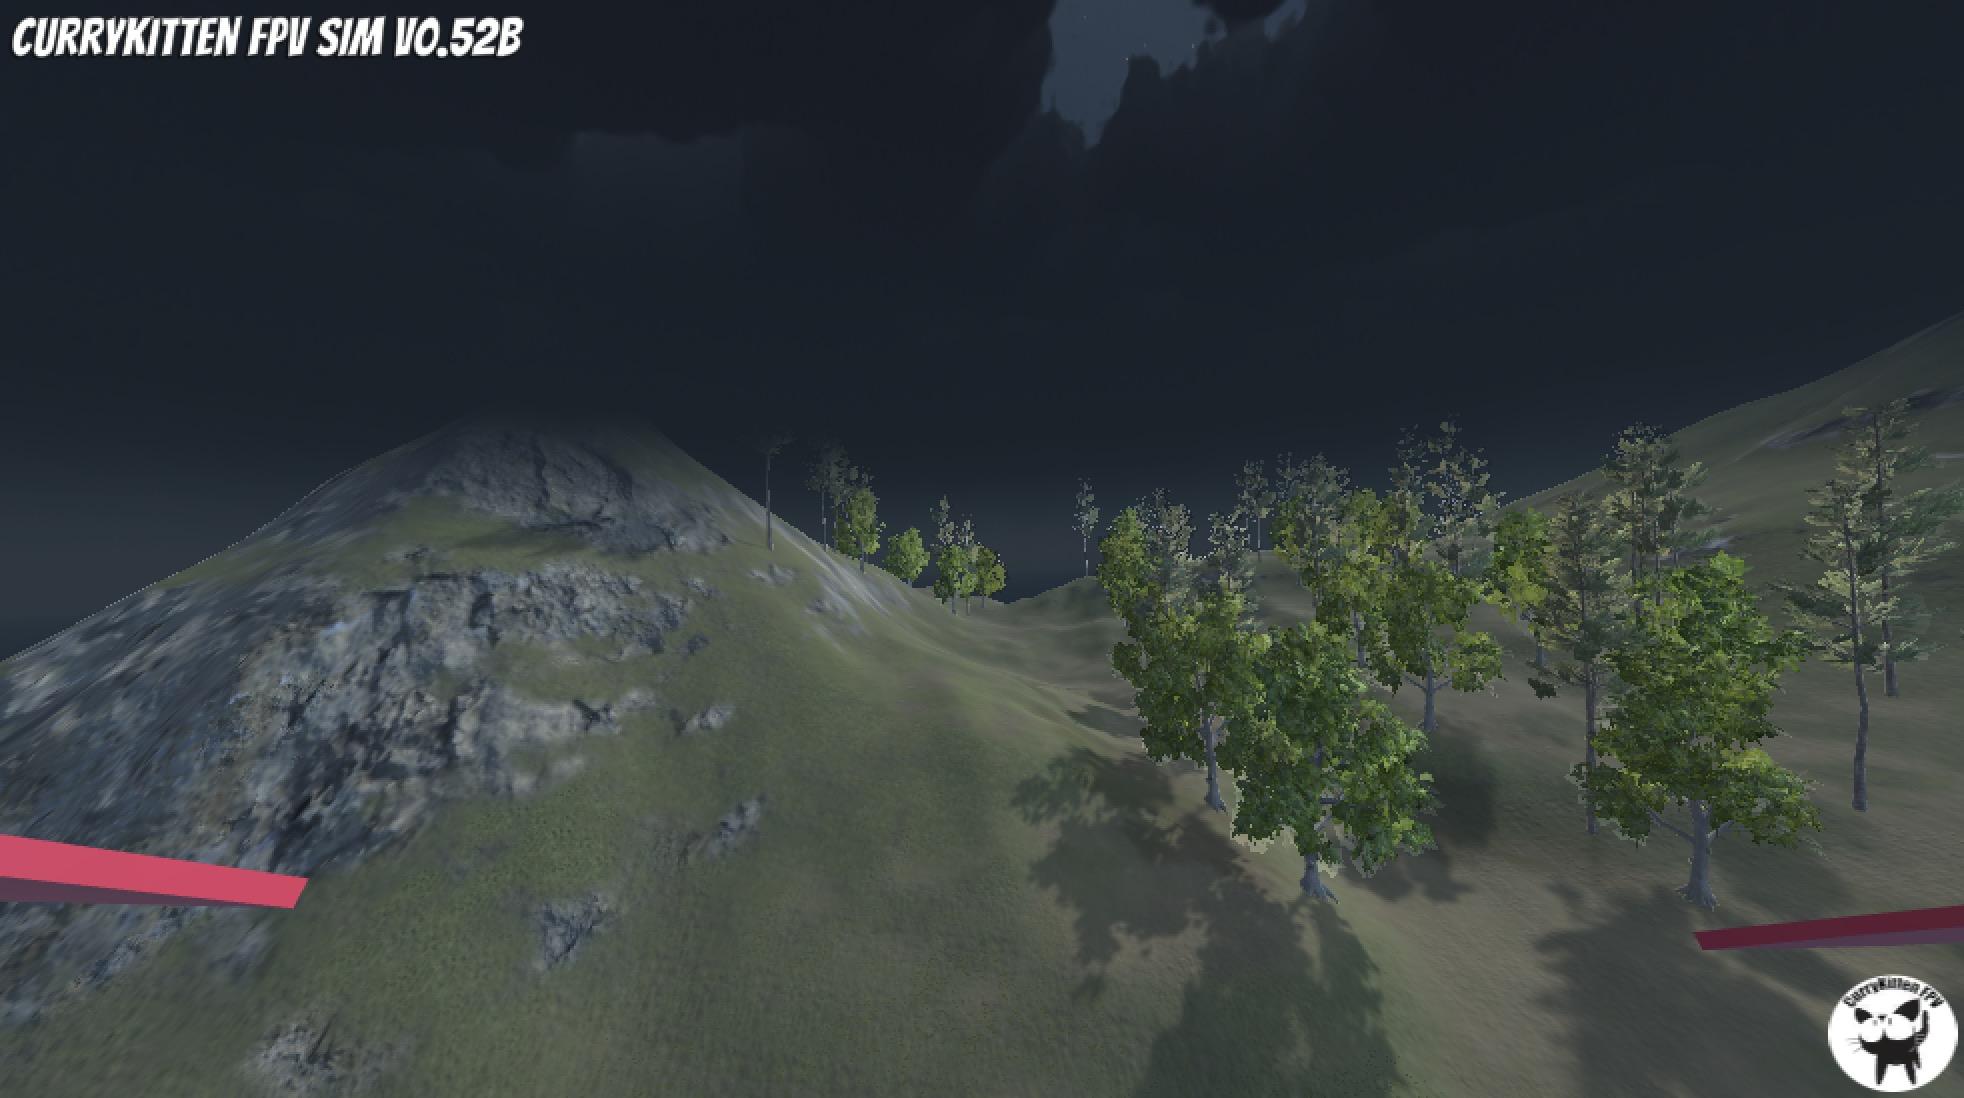 Screenshot 2021-01-12 at 10.51.32.jpg